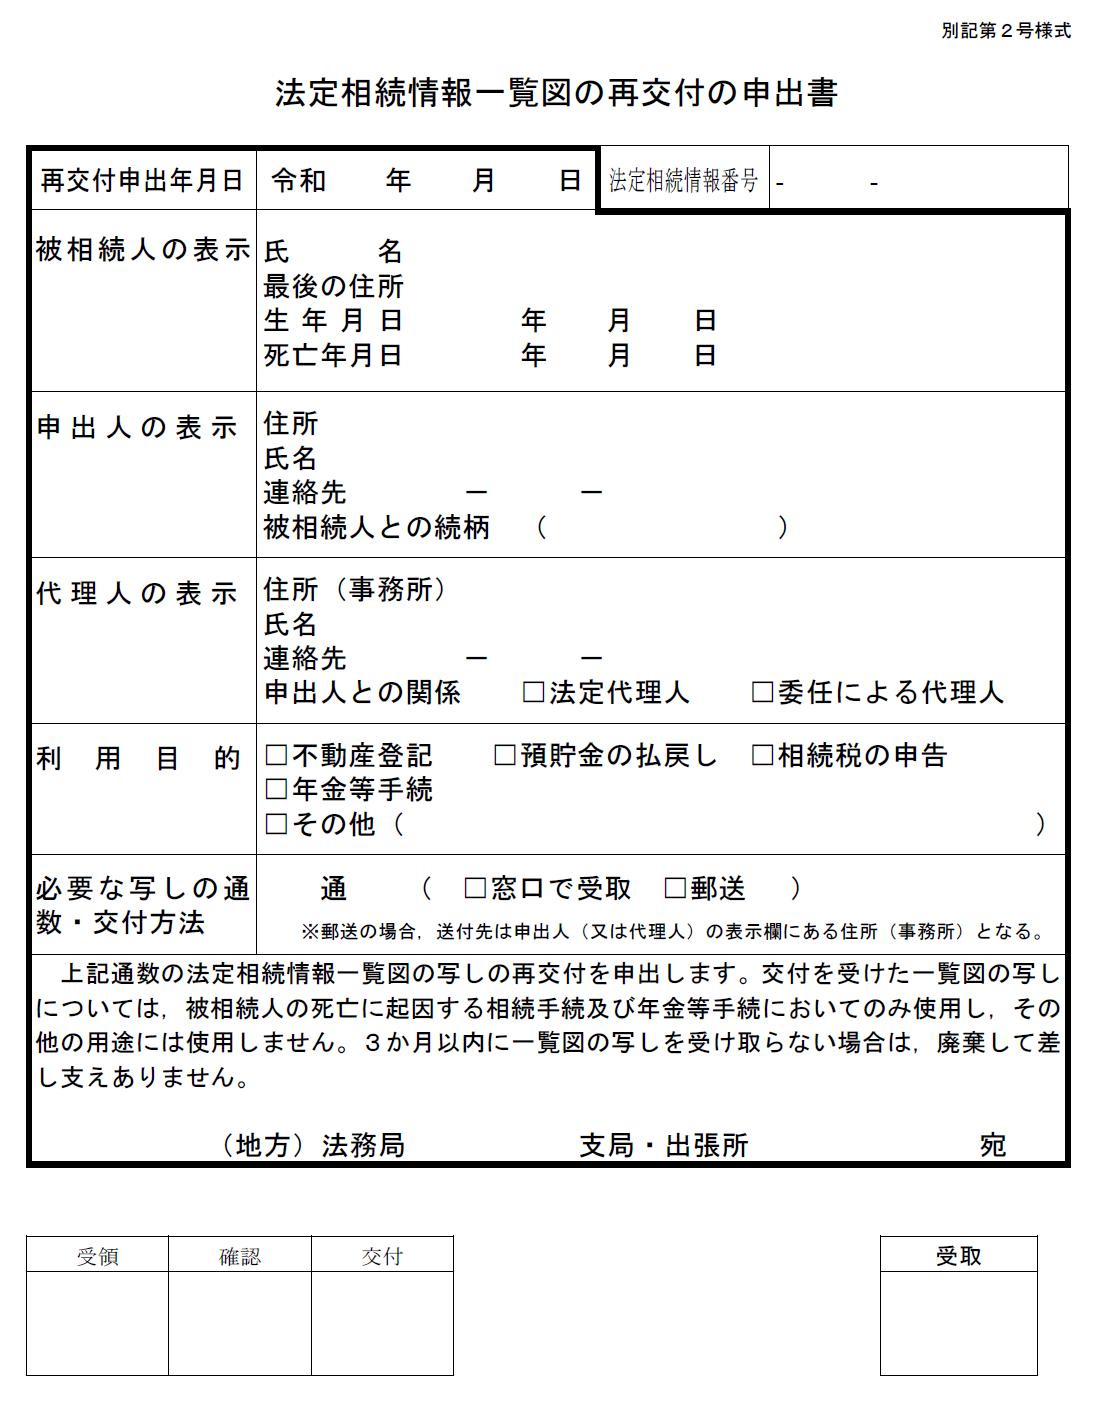 「法定相続情報一覧図の写し」の再交付の申出書の最新様式